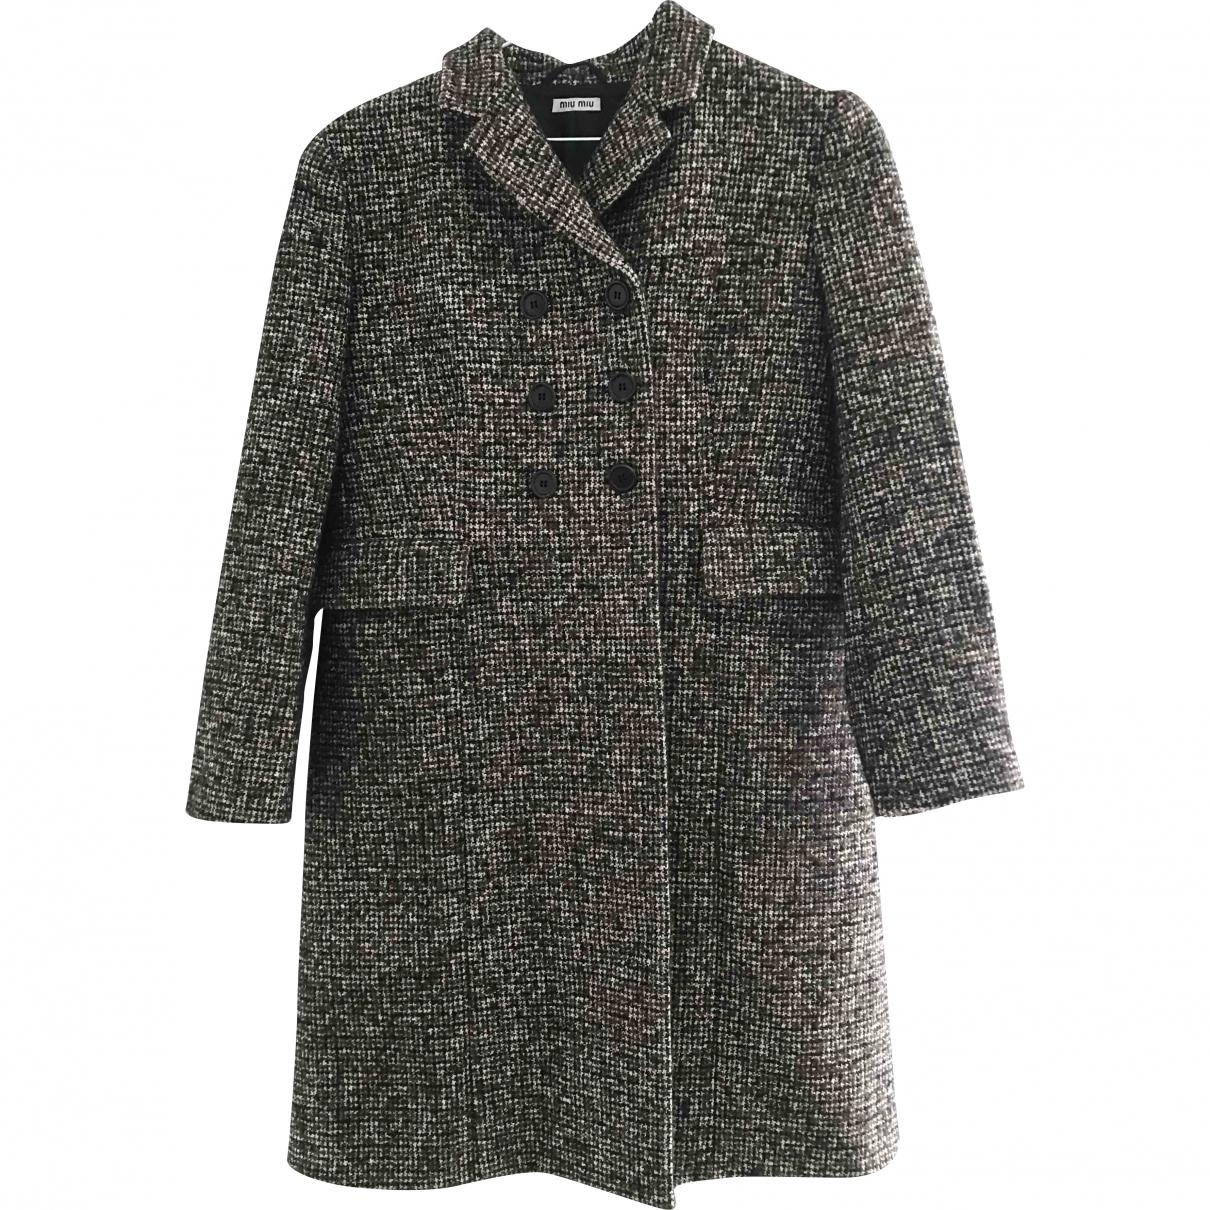 Miu Miu - Manteau   pour femme en laine - marron